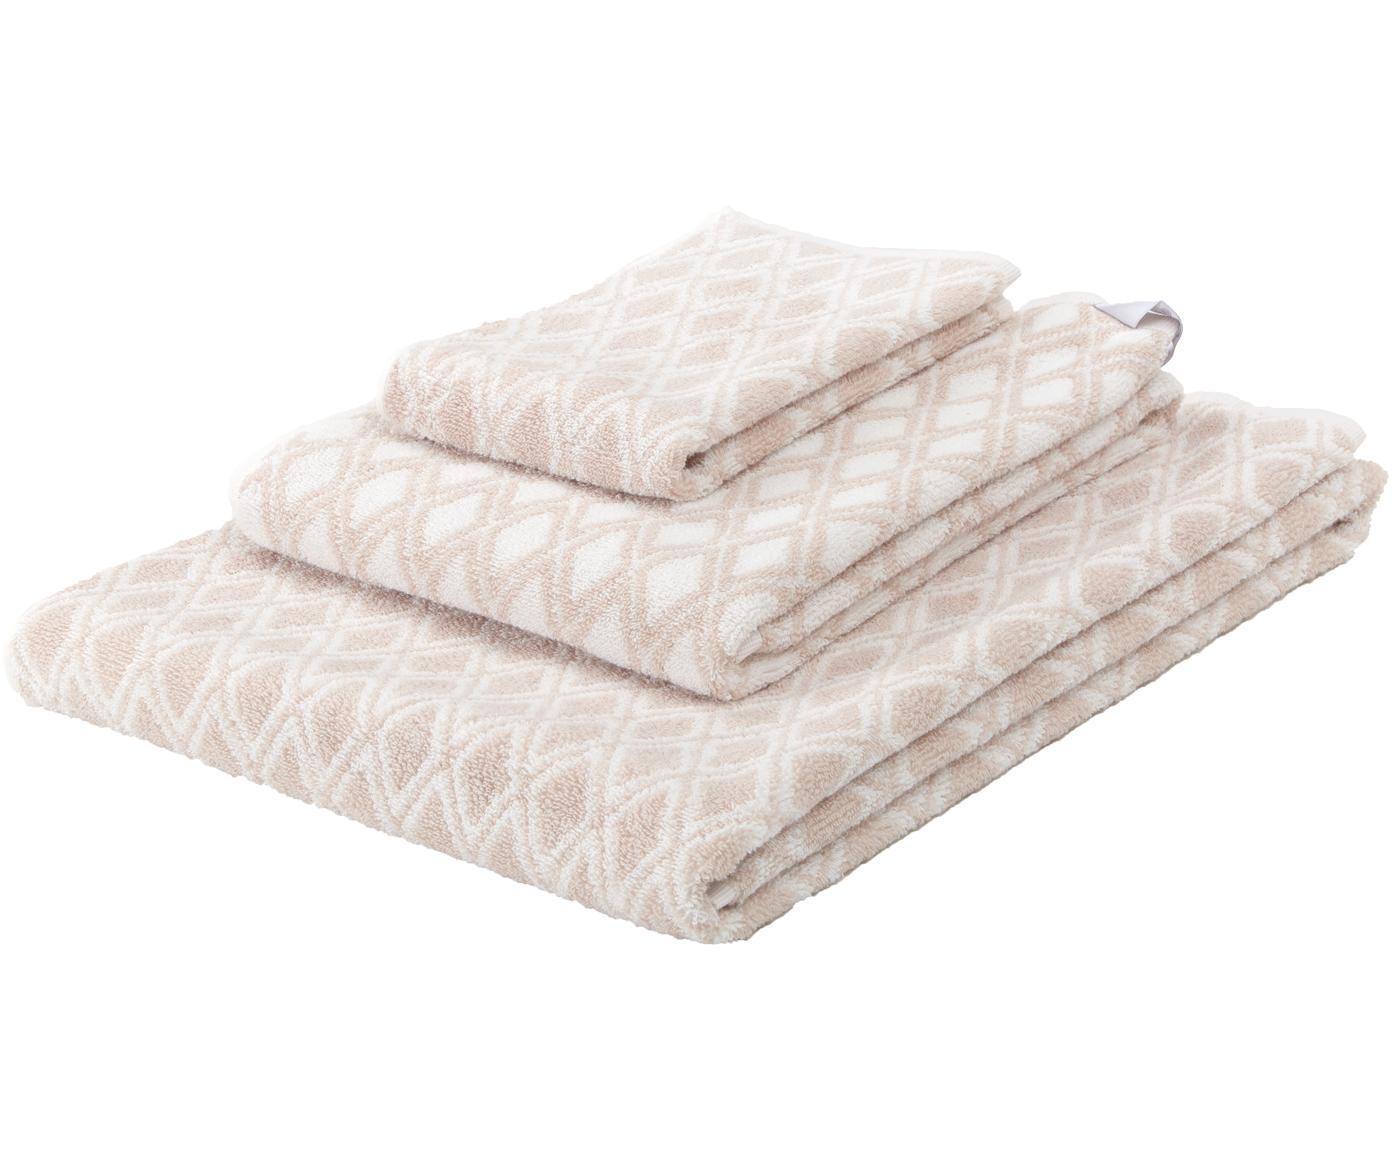 Komplet ręczników Ava, 3elem., Odcienie piaskowego, kremowobiały, Różne rozmiary